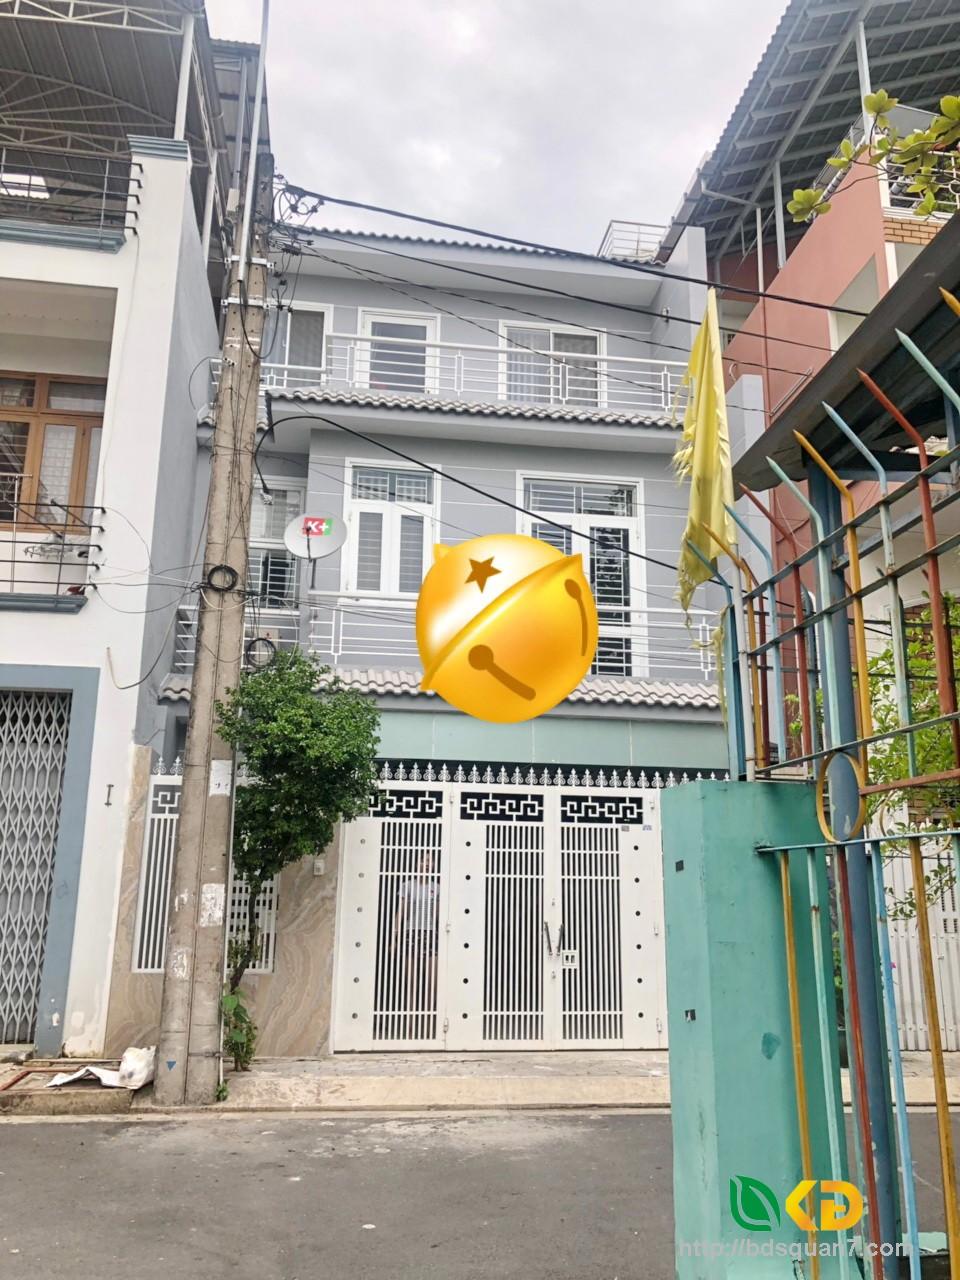 Bán nhà mới 3 lầu mặt tiền Đường số 71 phường Tân Quy Đông Quận 7